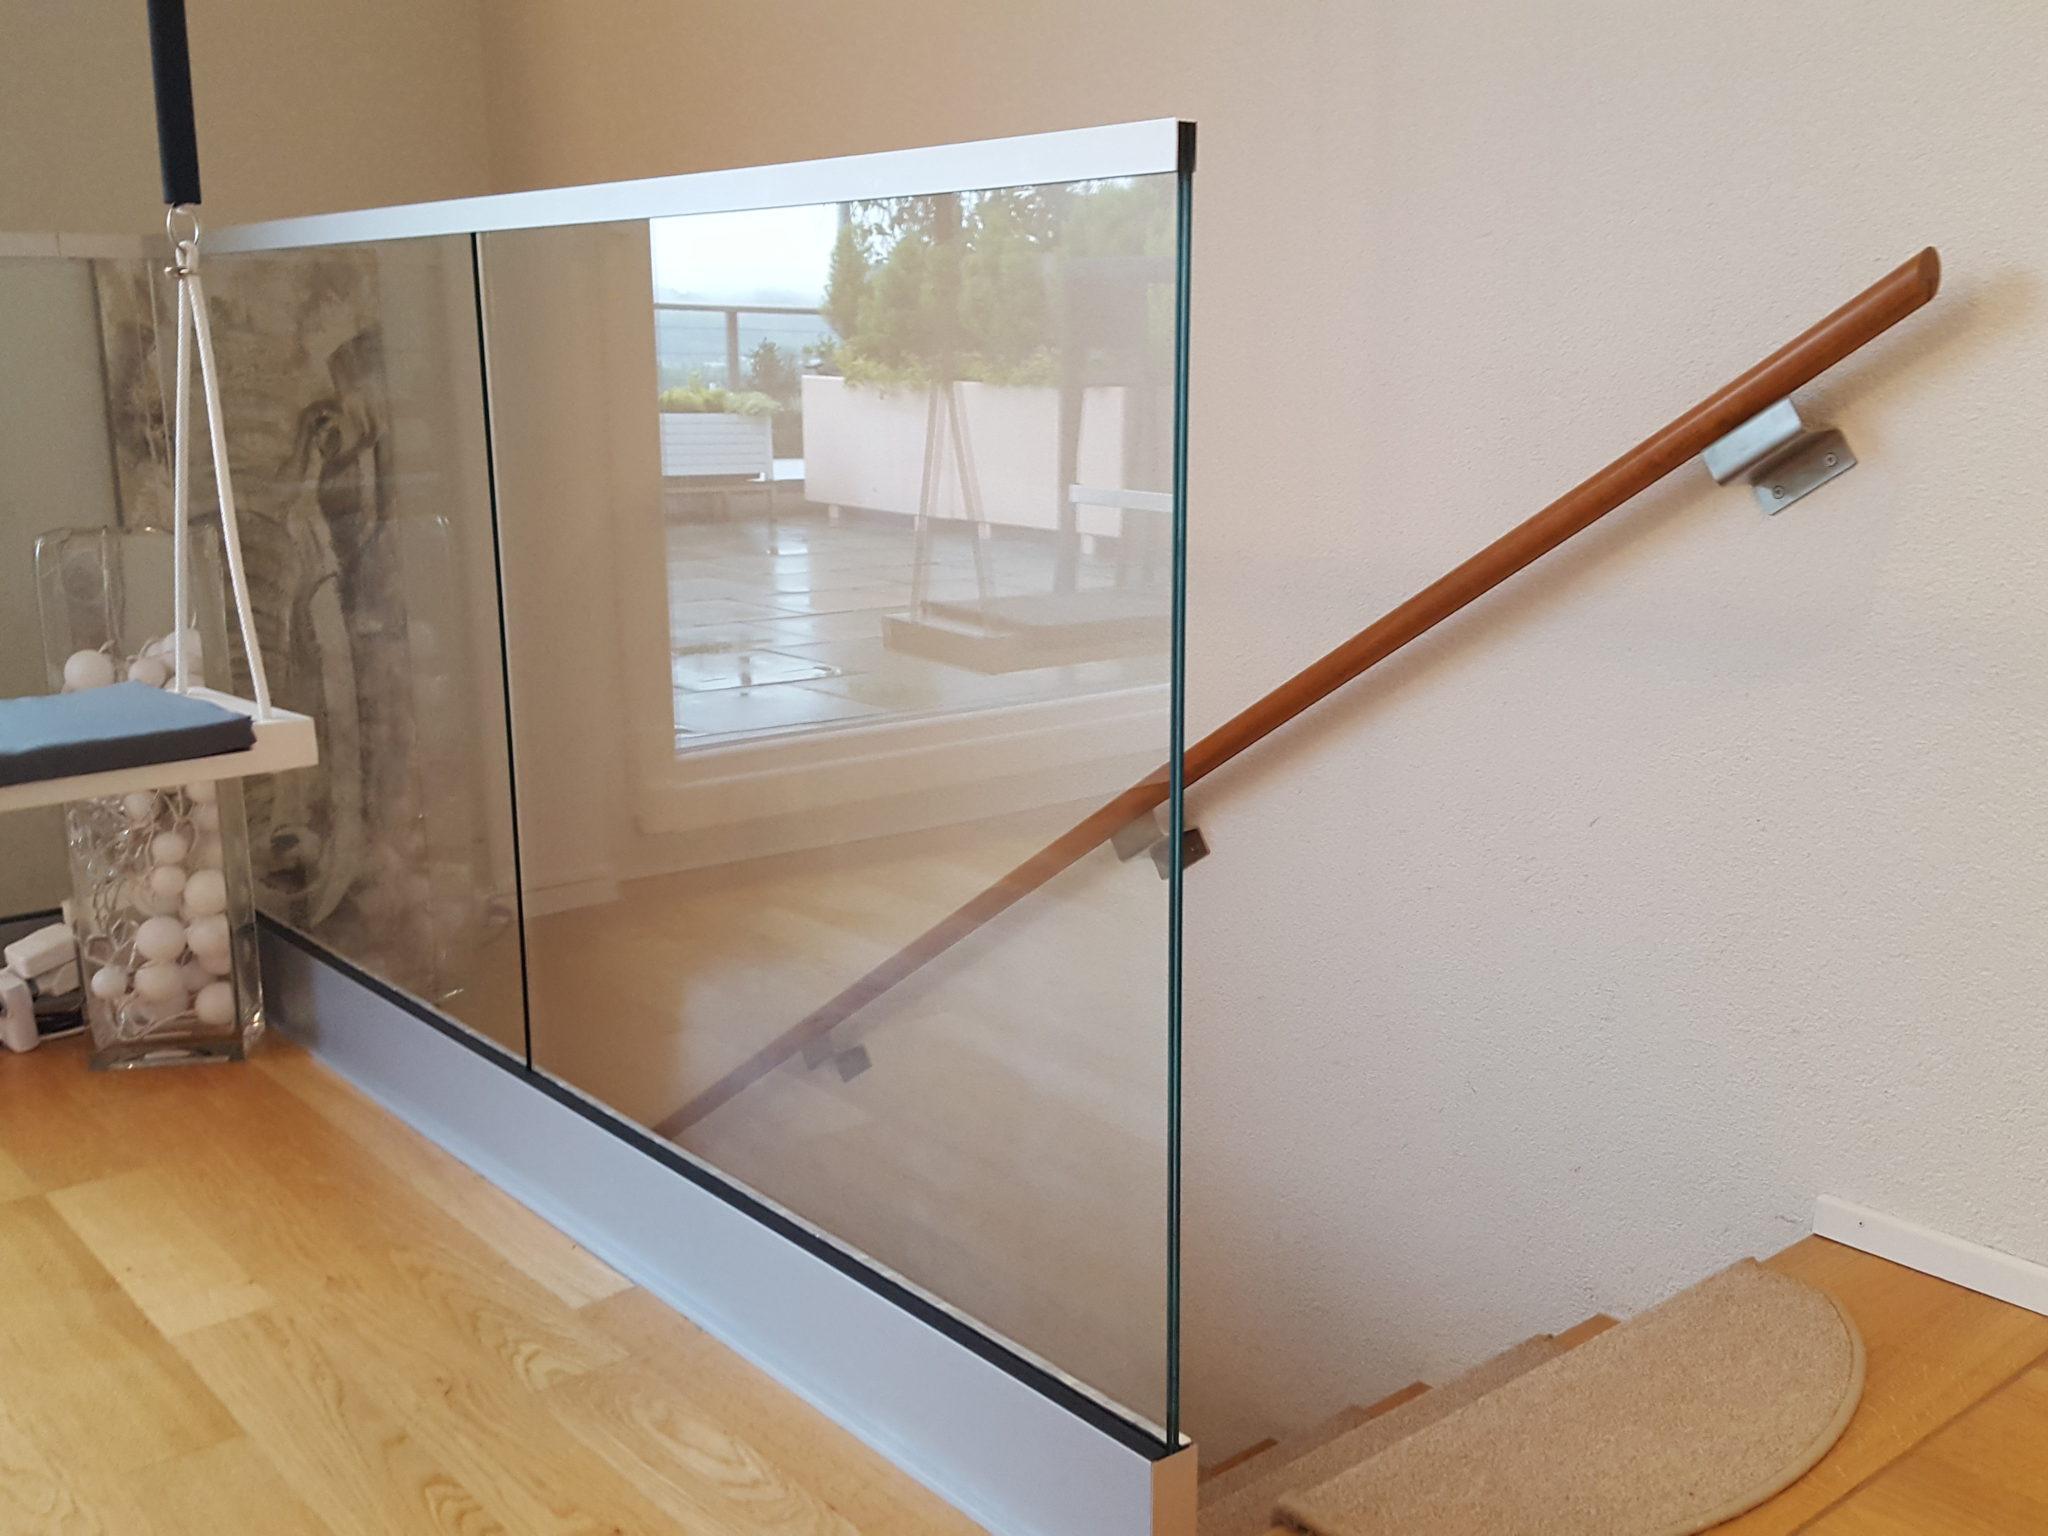 glasgel nder im innenraum ma gefertigt f r sie. Black Bedroom Furniture Sets. Home Design Ideas